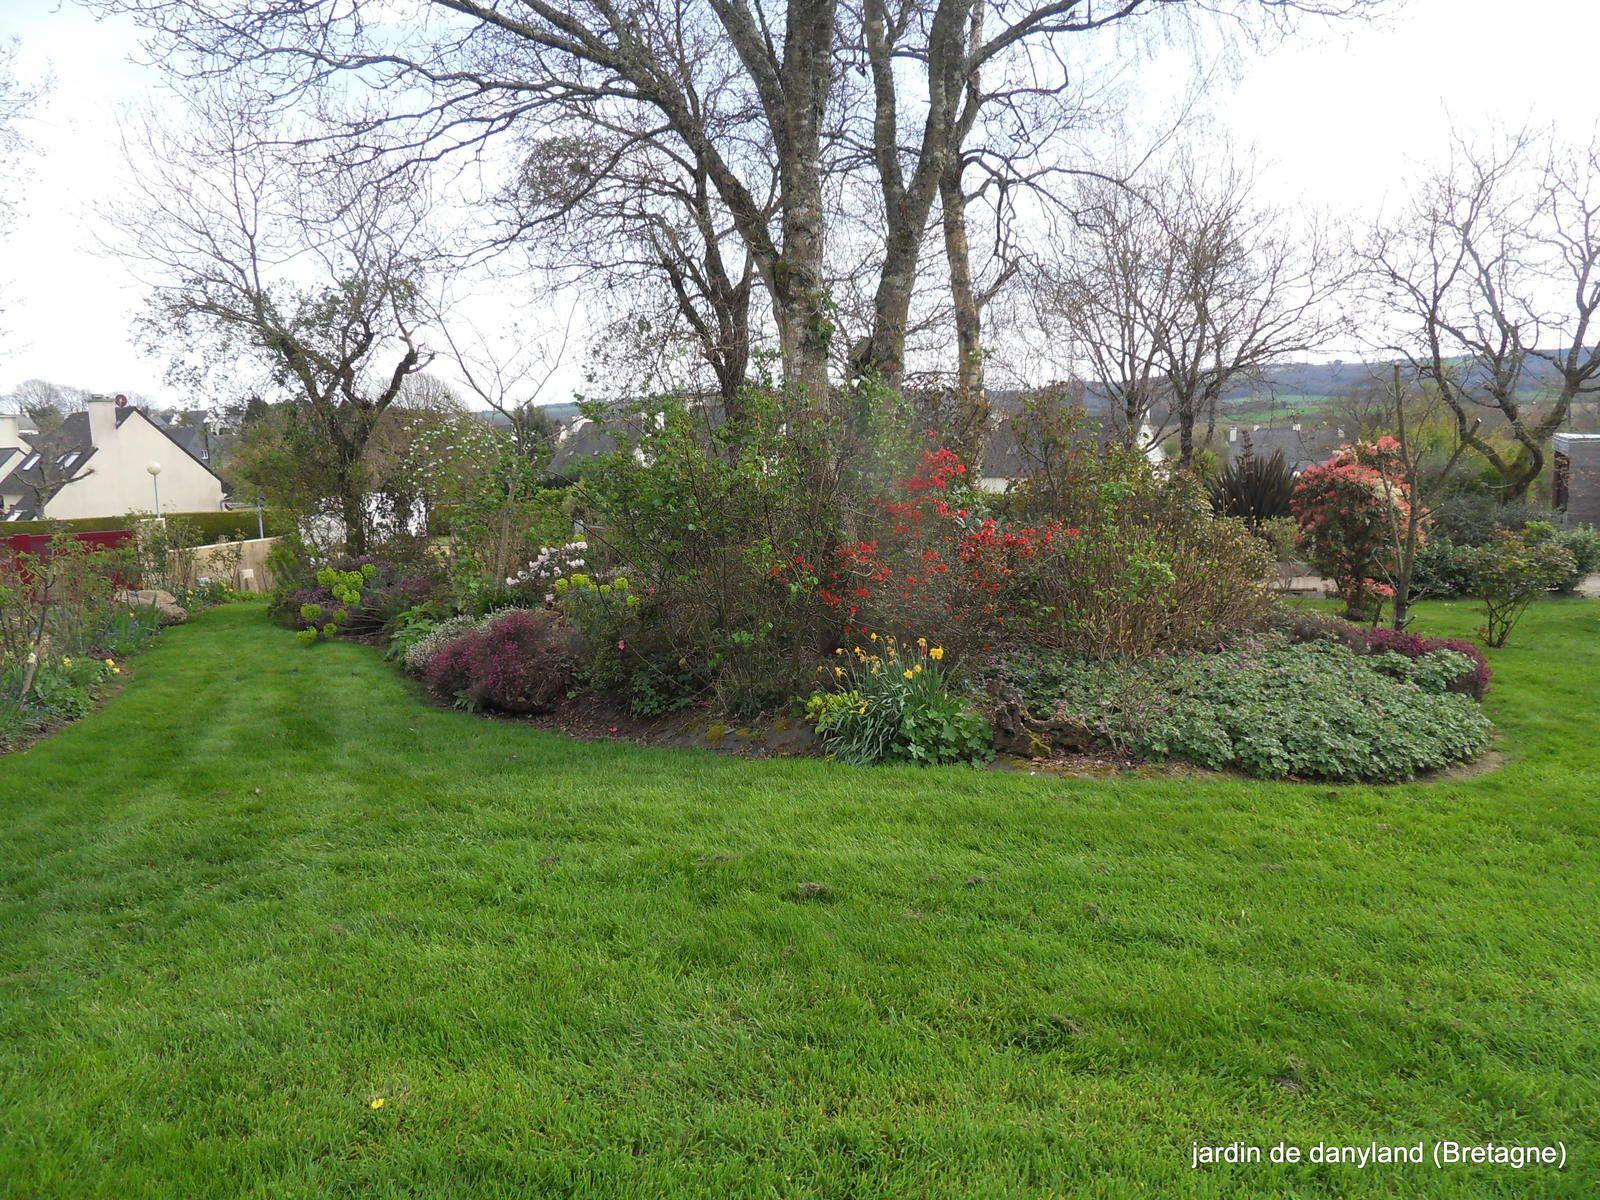 une fin mars sous le soleil et le jardin s'en ressent !!!!